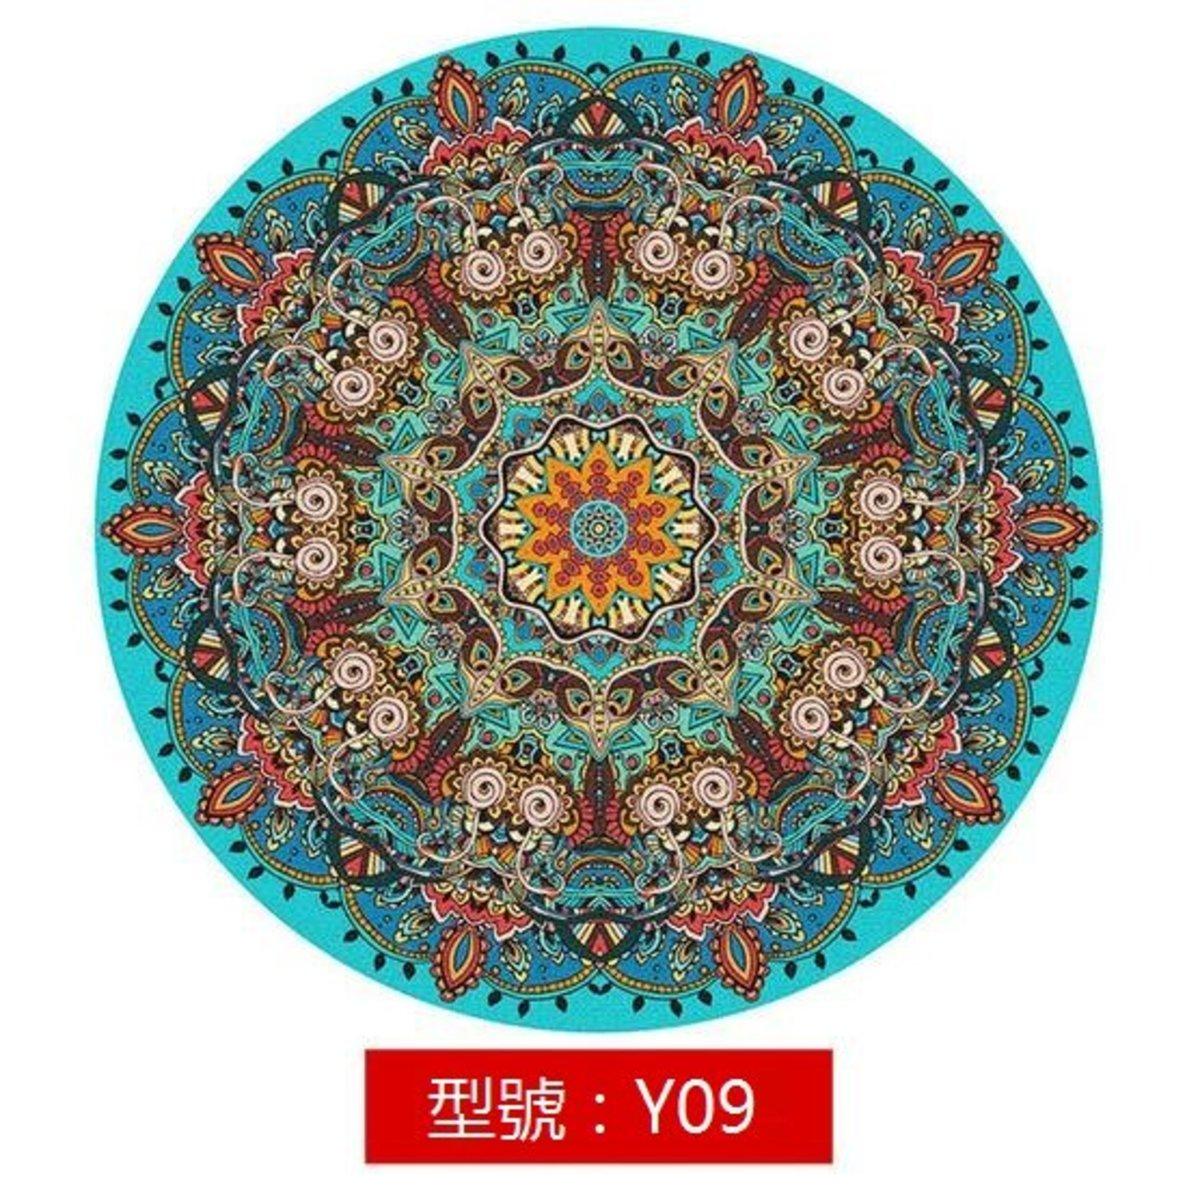 波希米亞風圓形地氈地毯Y09 直徑200cm